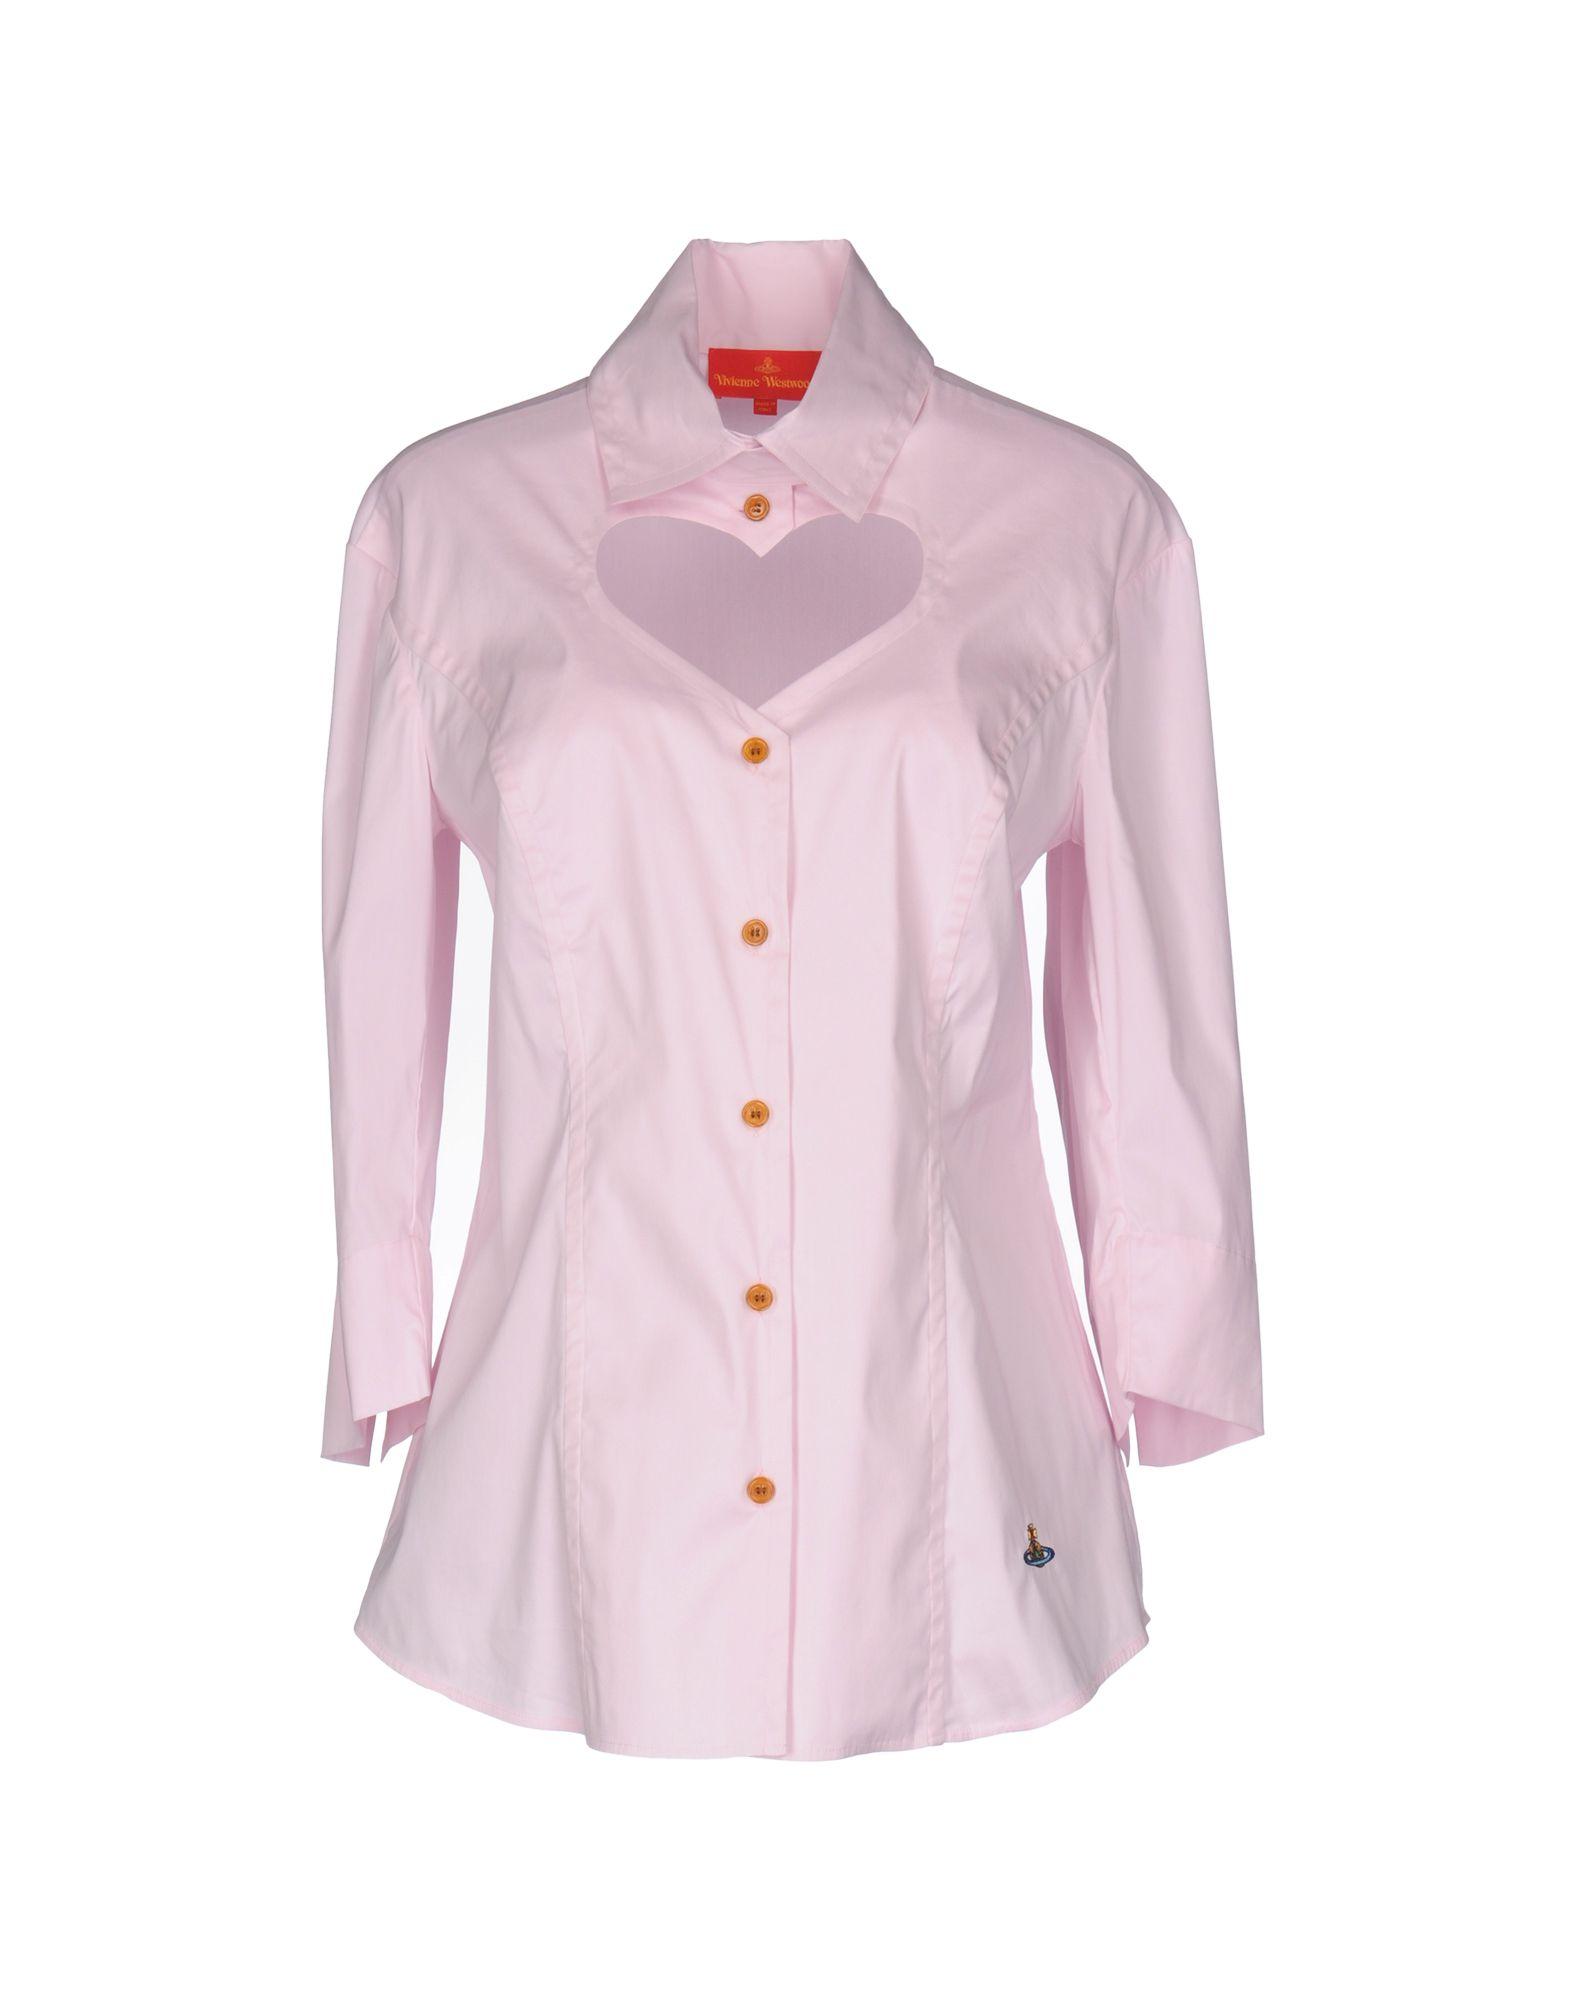 VIVIENNE WESTWOOD Damen Hemd Farbe Rosa Größe 5